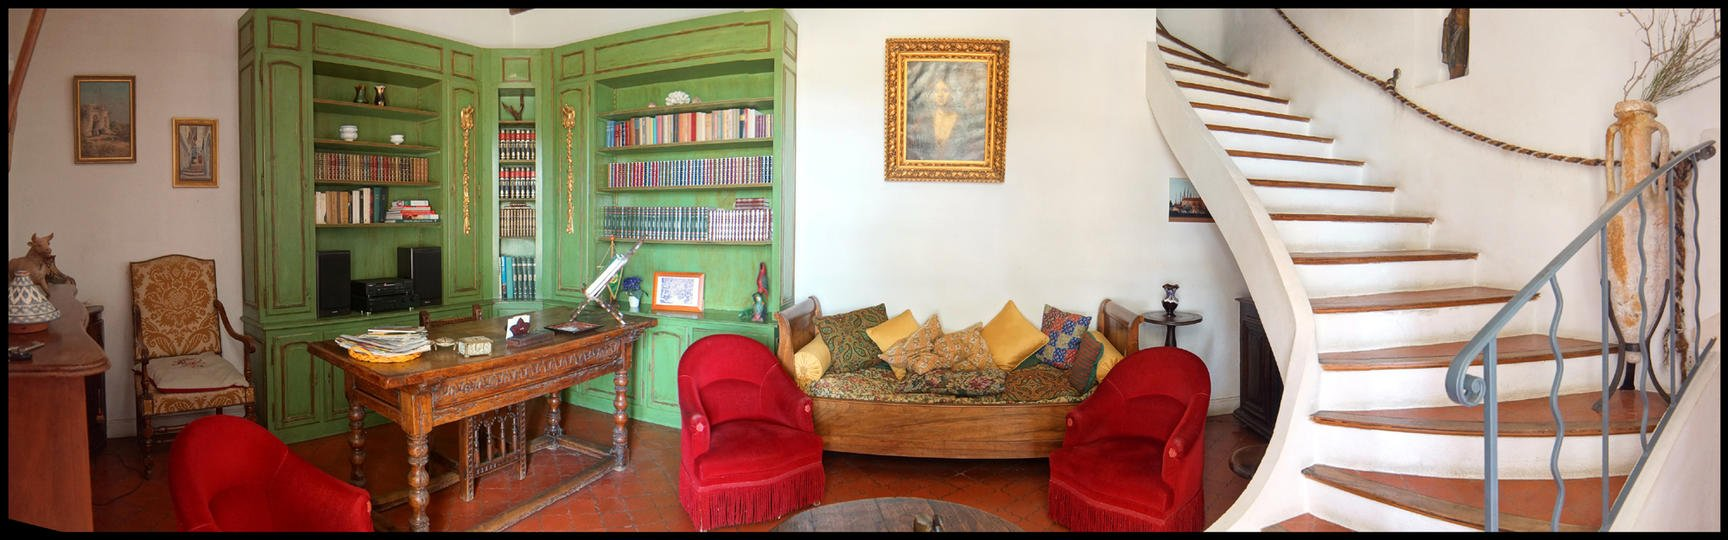 Vente Maison - Les Baux-de-Provence